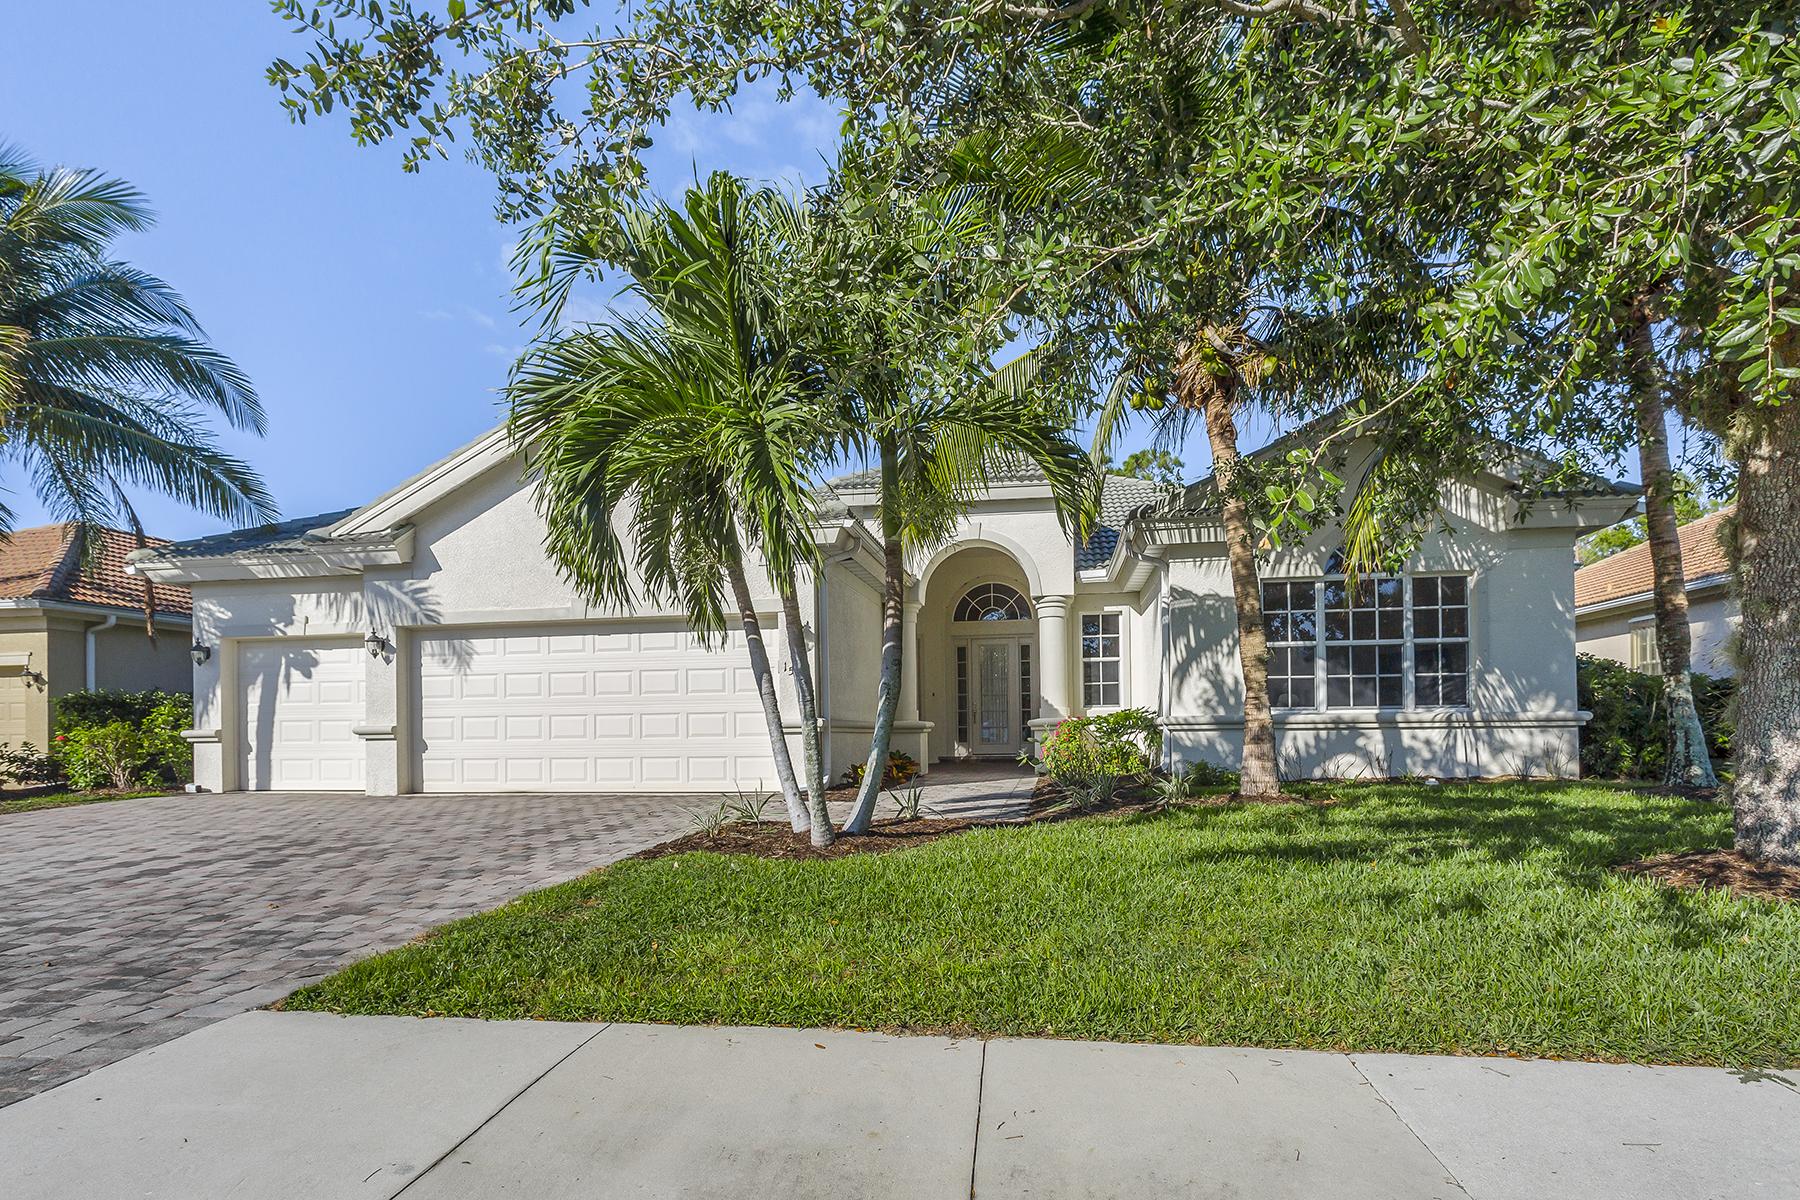 단독 가정 주택 용 매매 에 DELASOL 15985 Delarosa Ln, Naples, 플로리다, 34110 미국